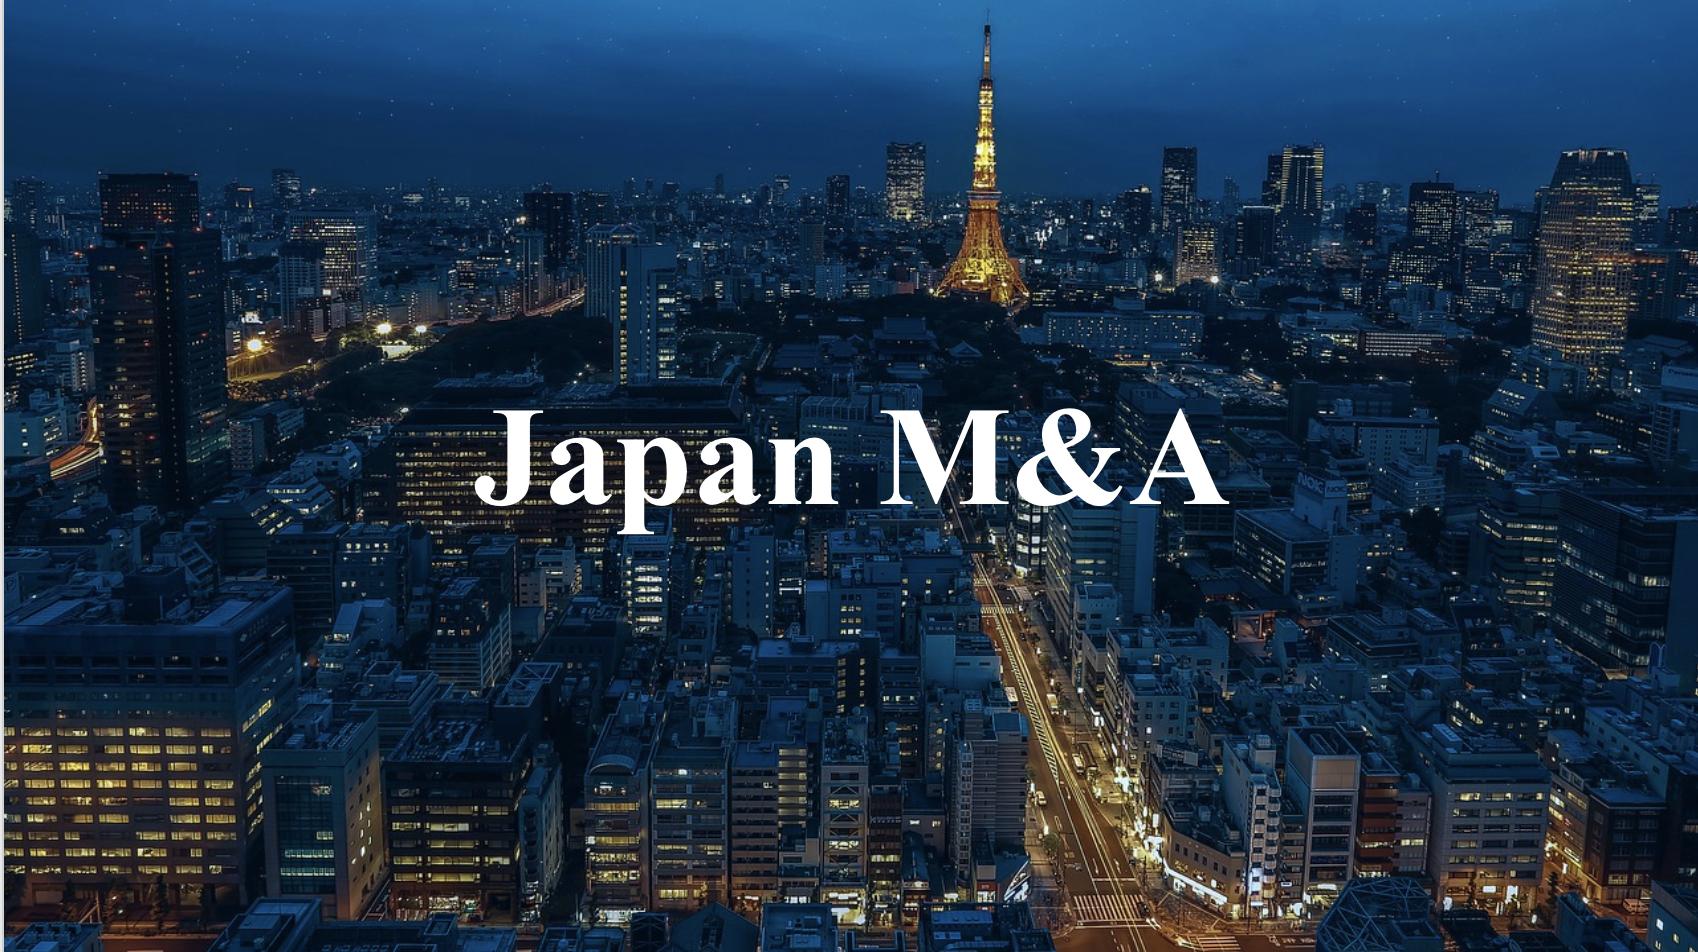 Japan M&A